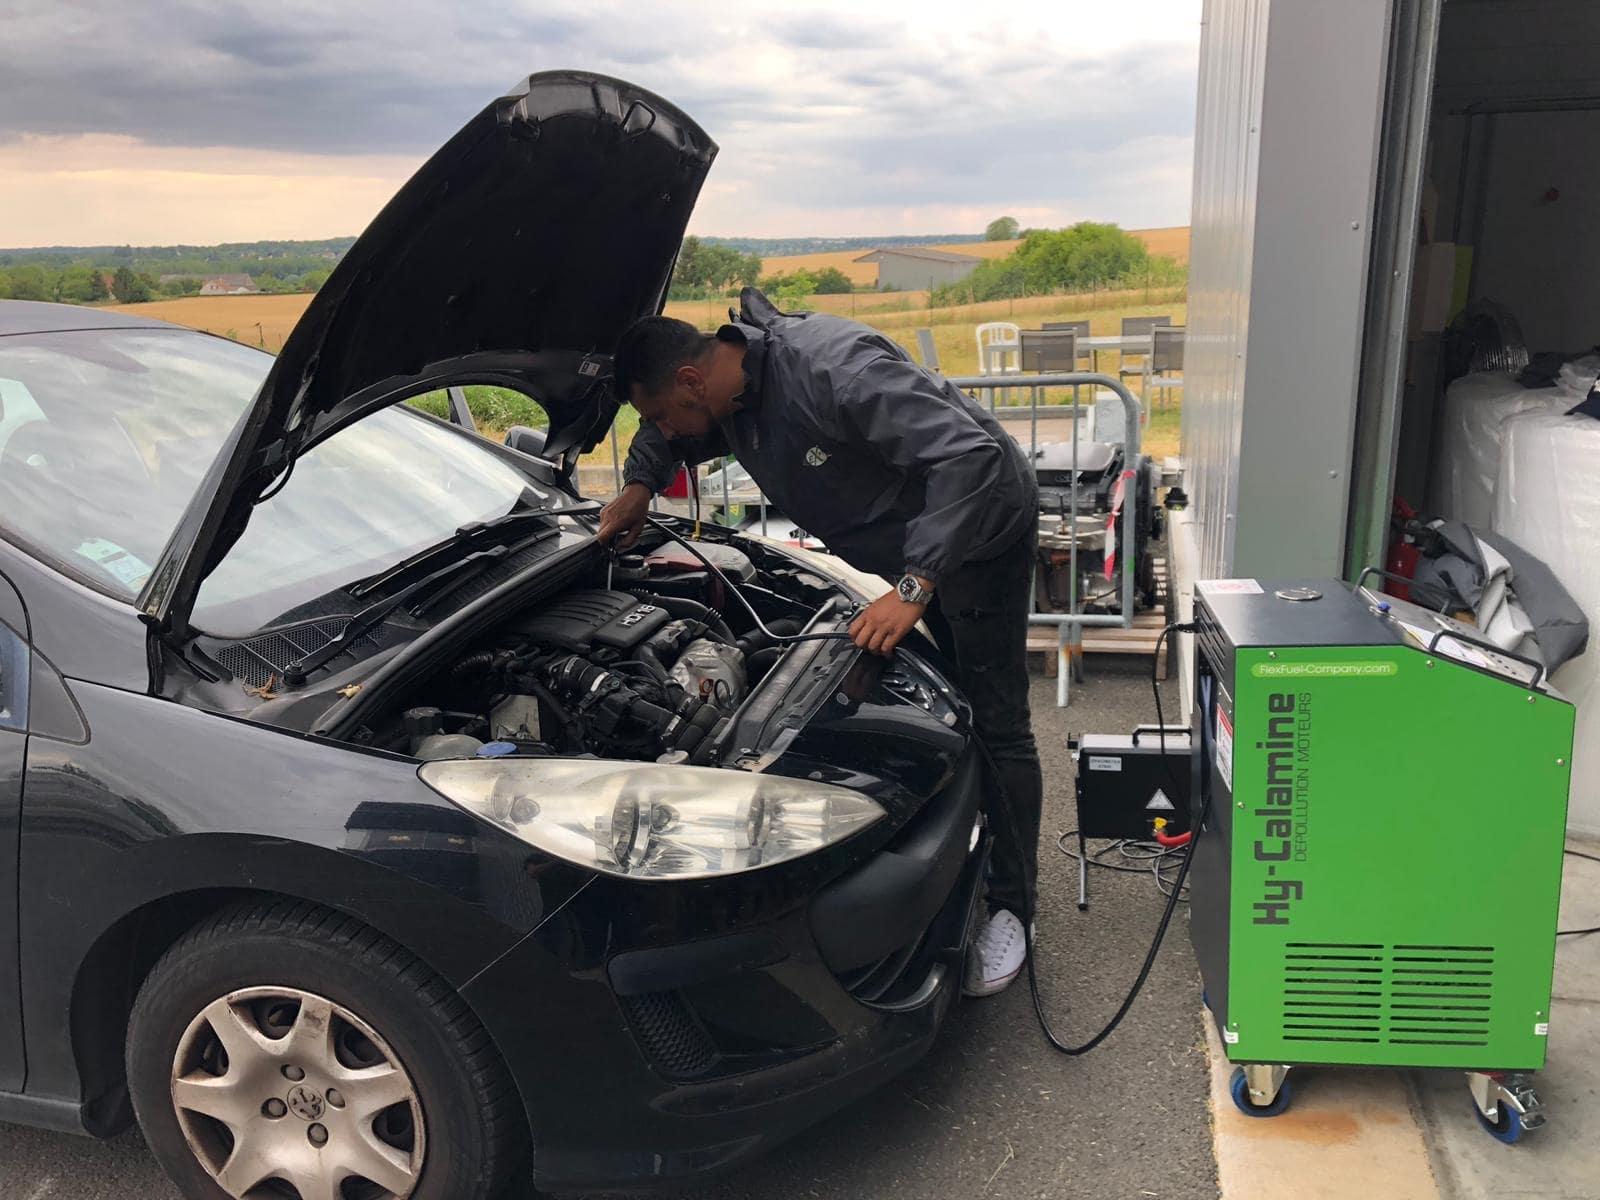 décalaminage d'un moteur de voiture